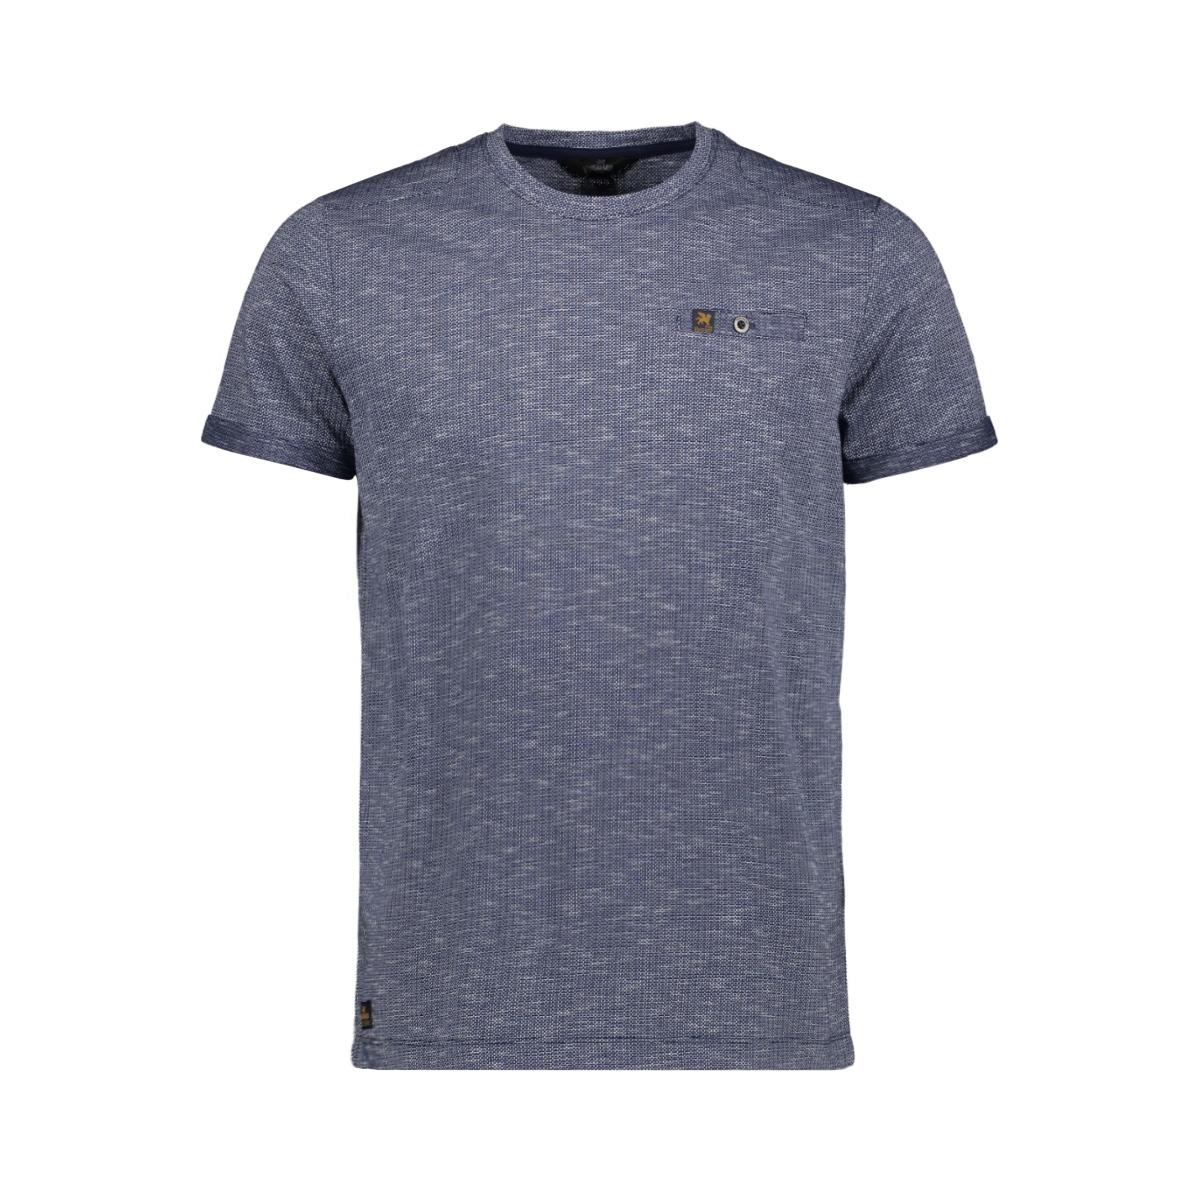 jersey merceri vtss192652 vanguard t-shirt 5028